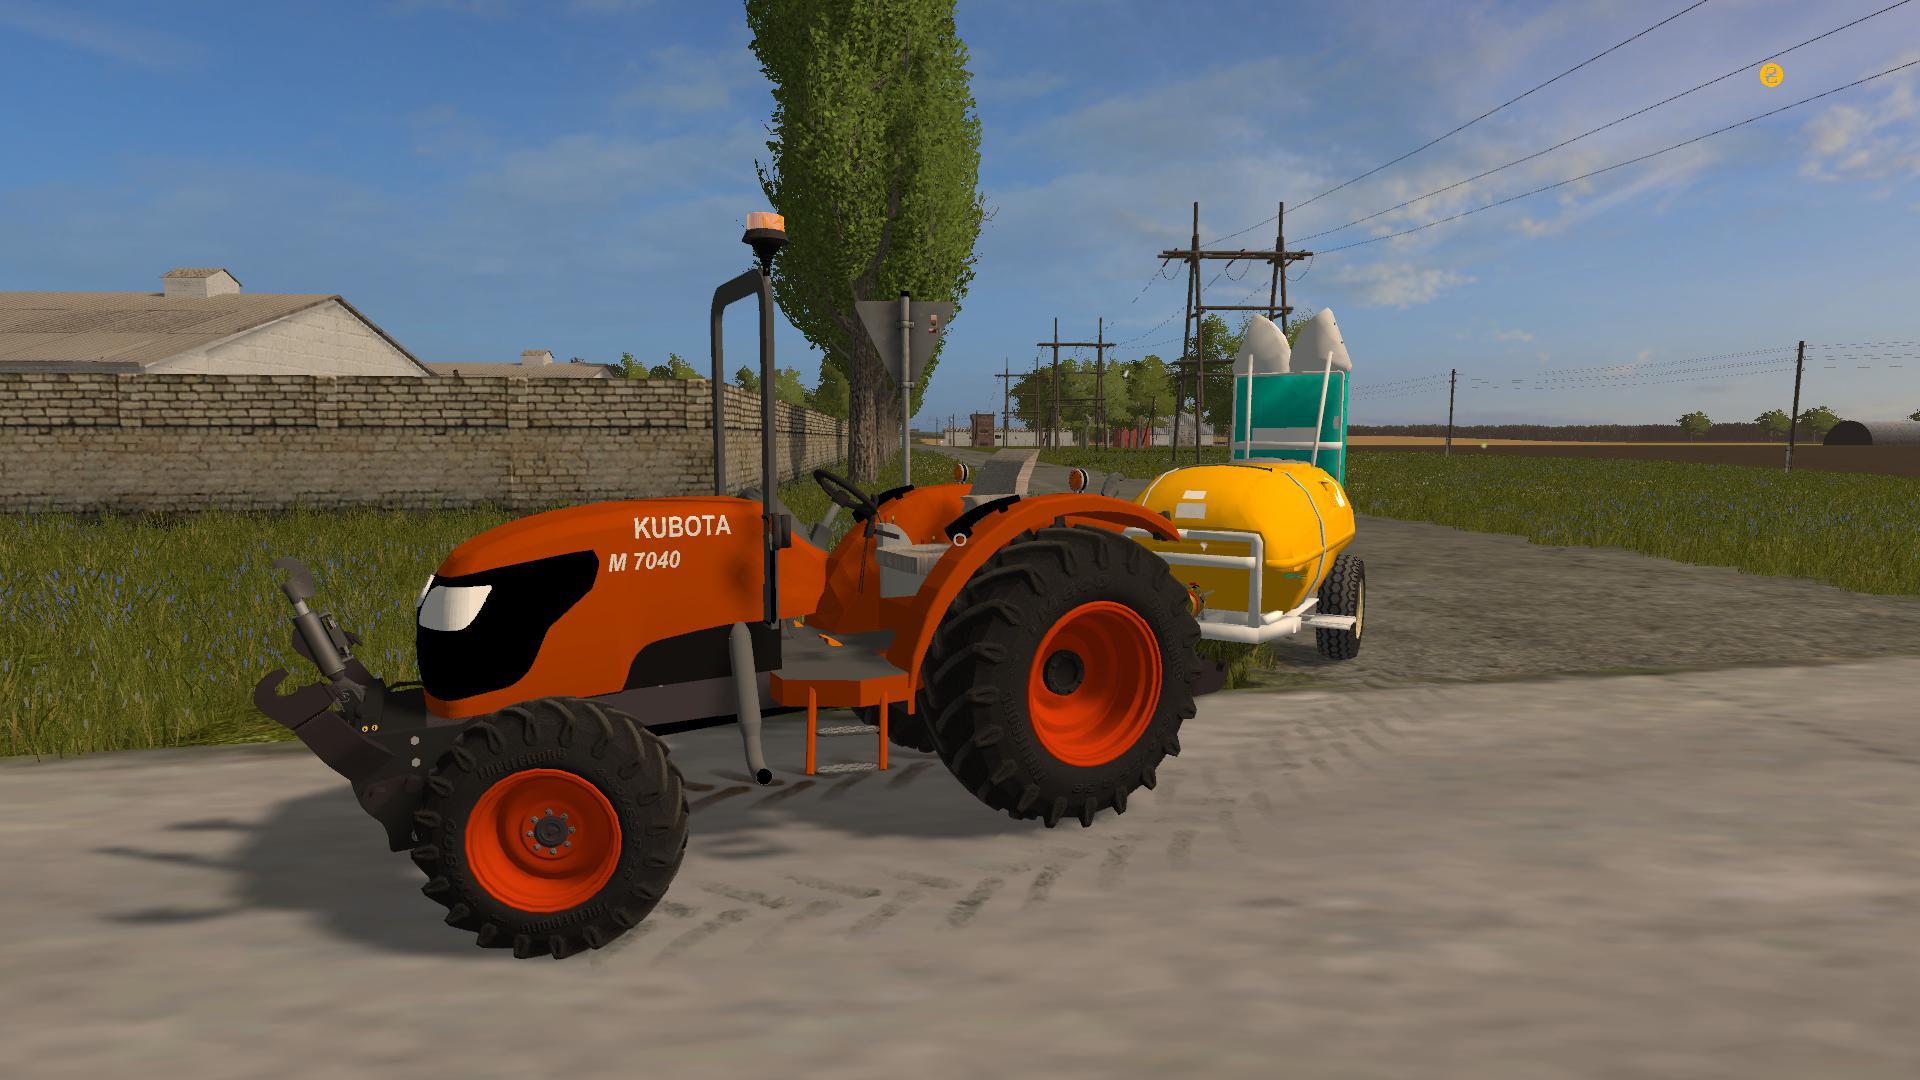 KUBOTA M7040 NARROW V1.0